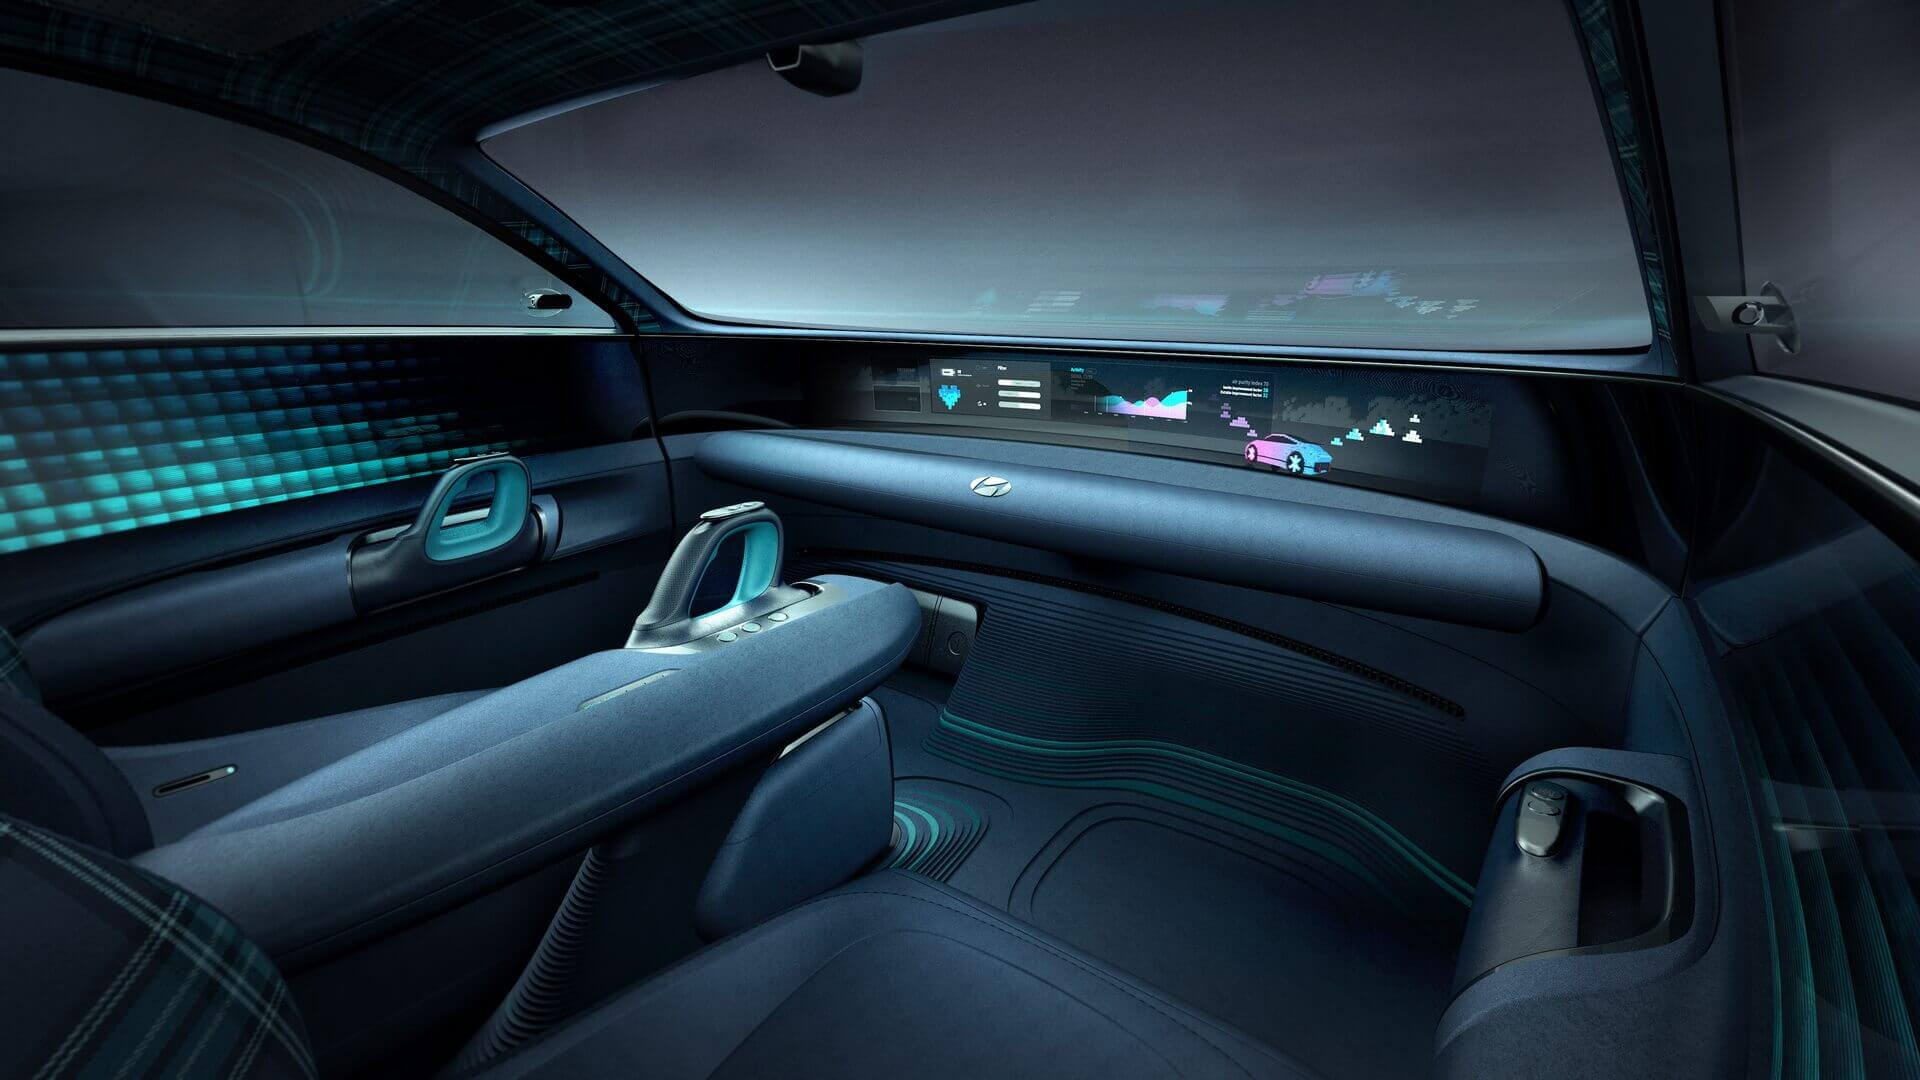 Интерьер: оптимальный комфорт иновая философия управления электромобилем